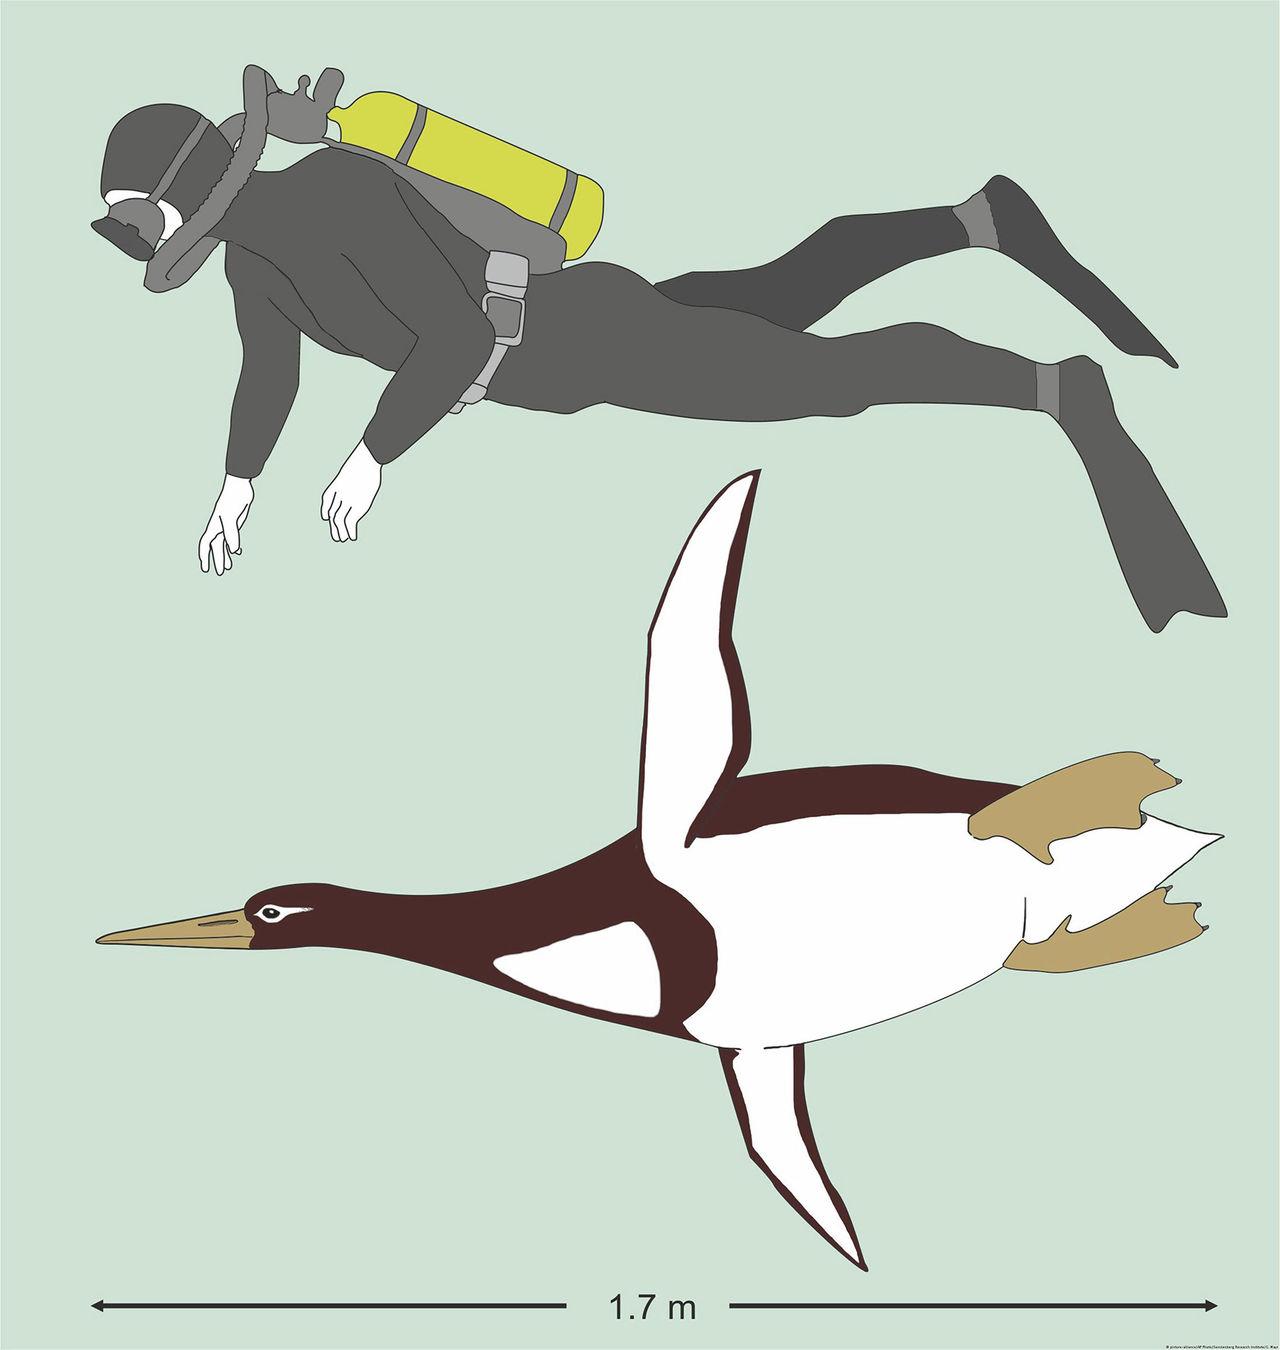 Det bodde jättepingviner på Nya Zeeland förr i tiden